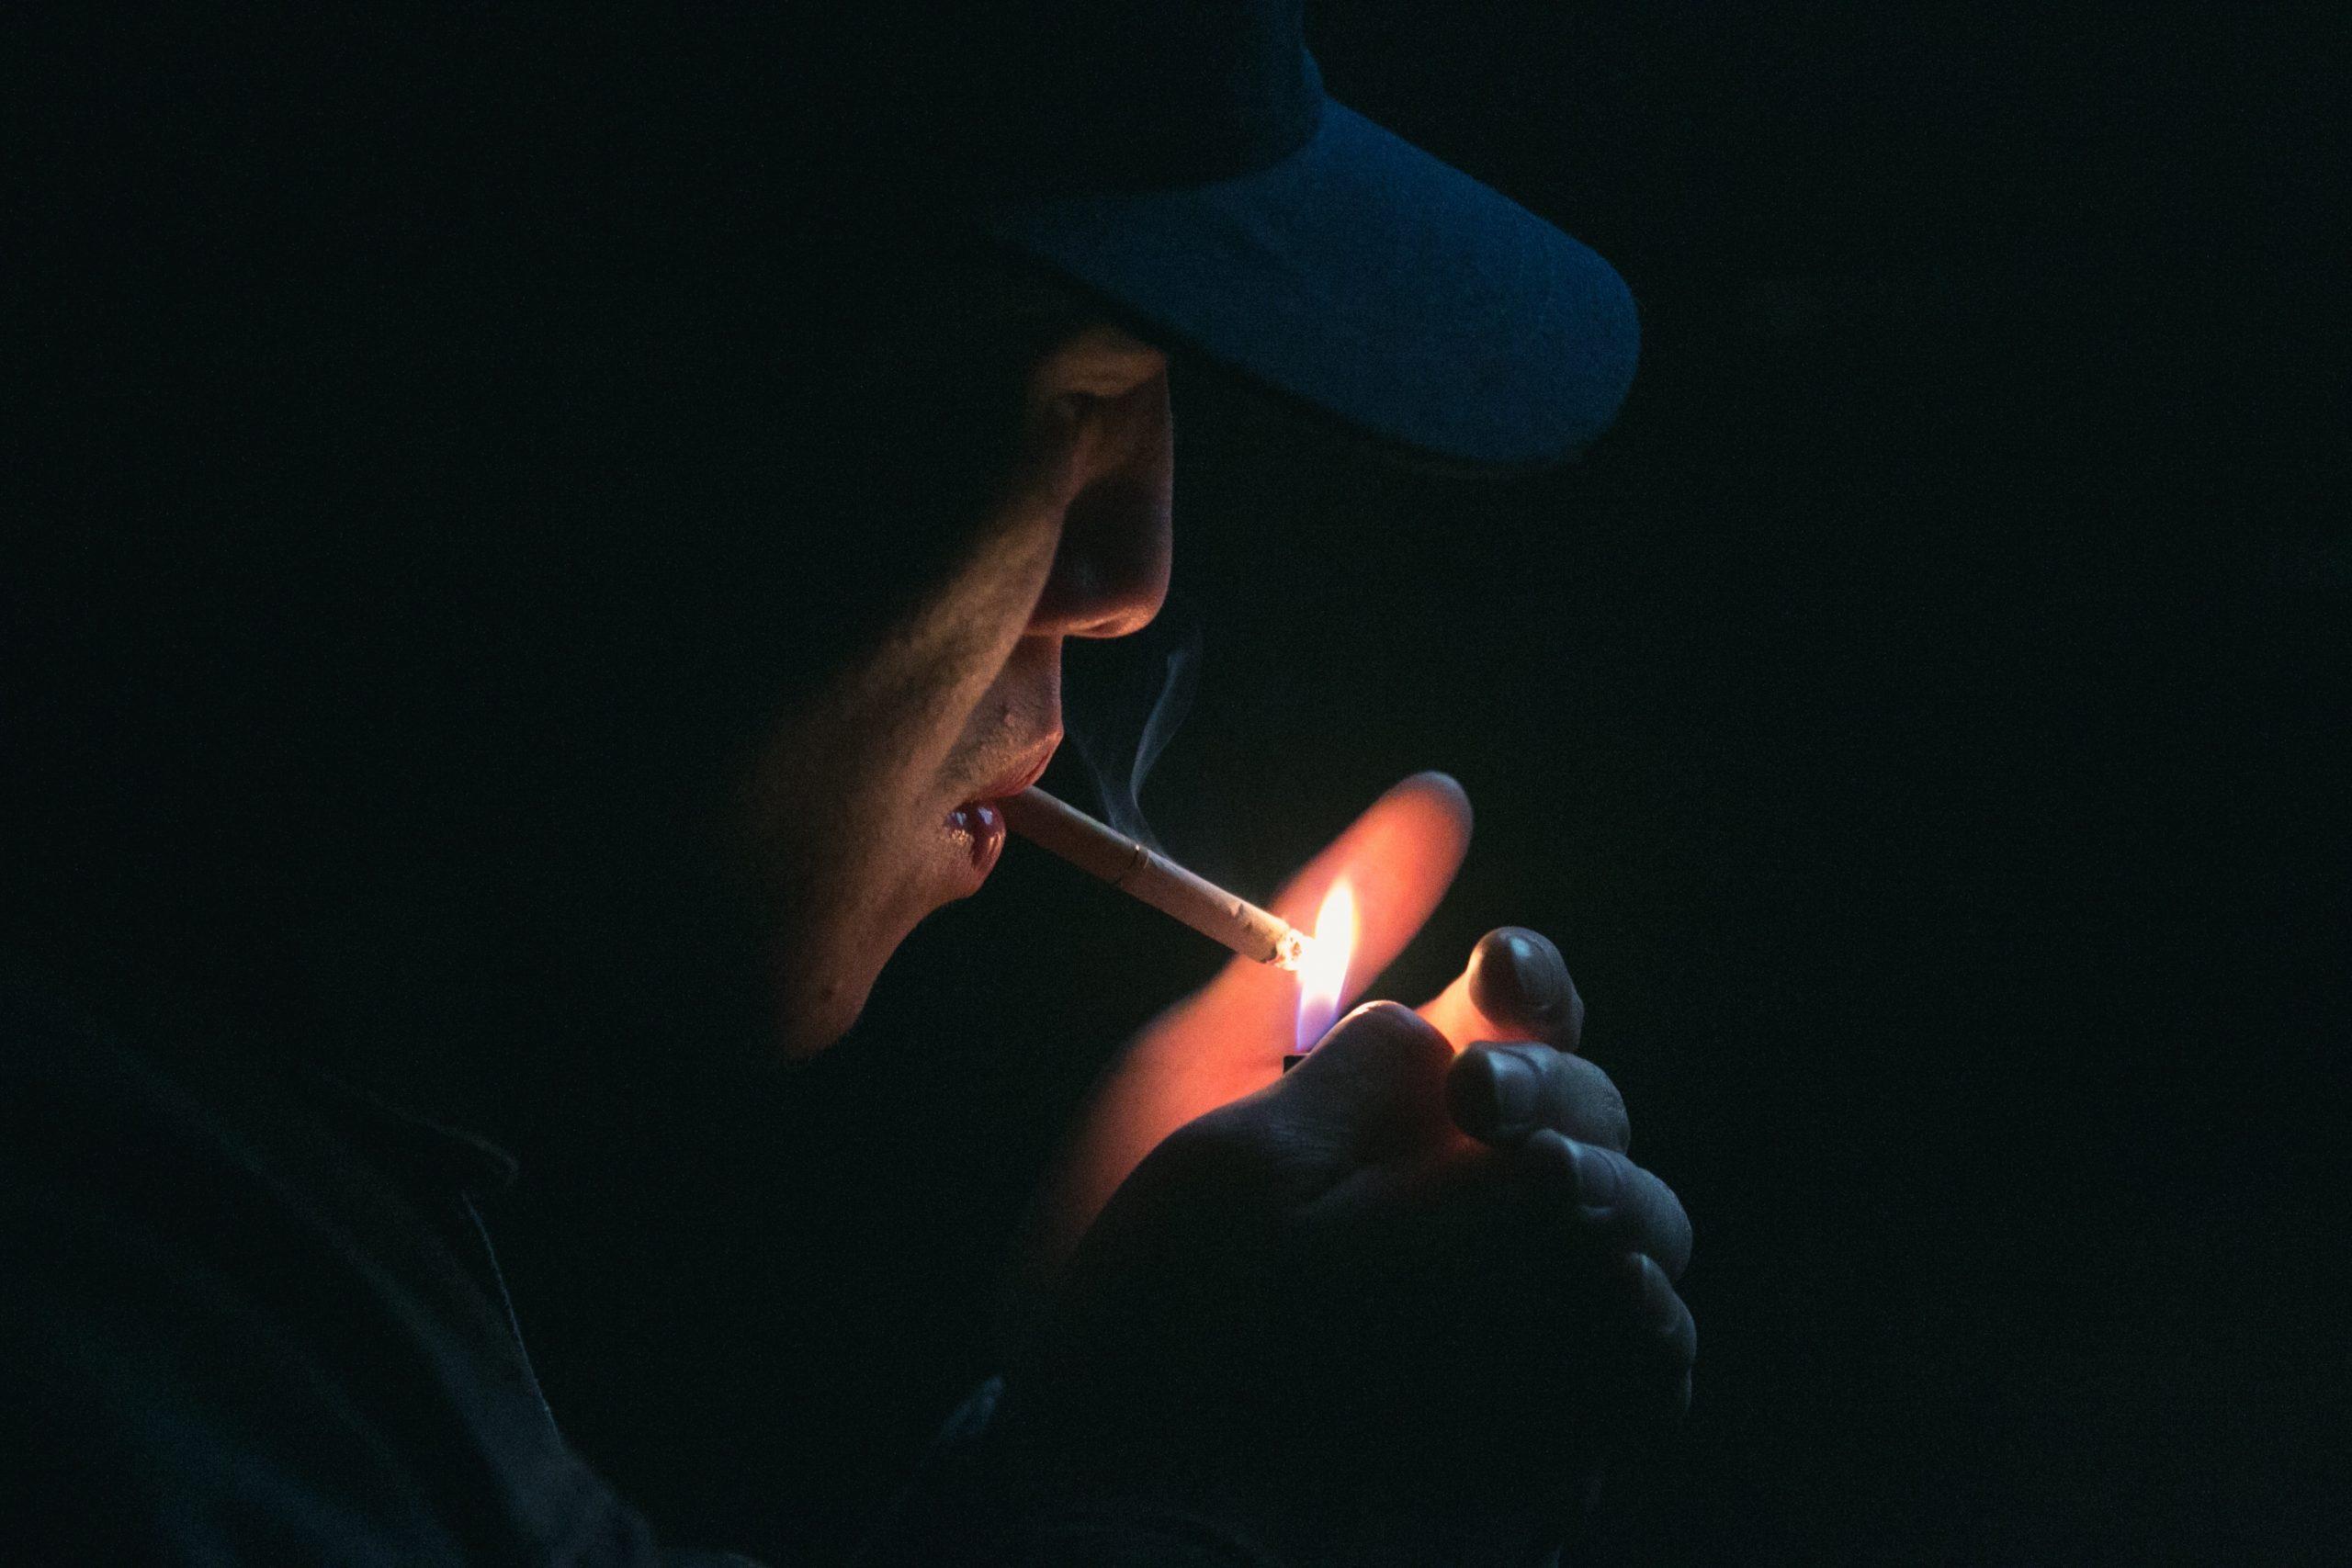 Sucht - Rauchen